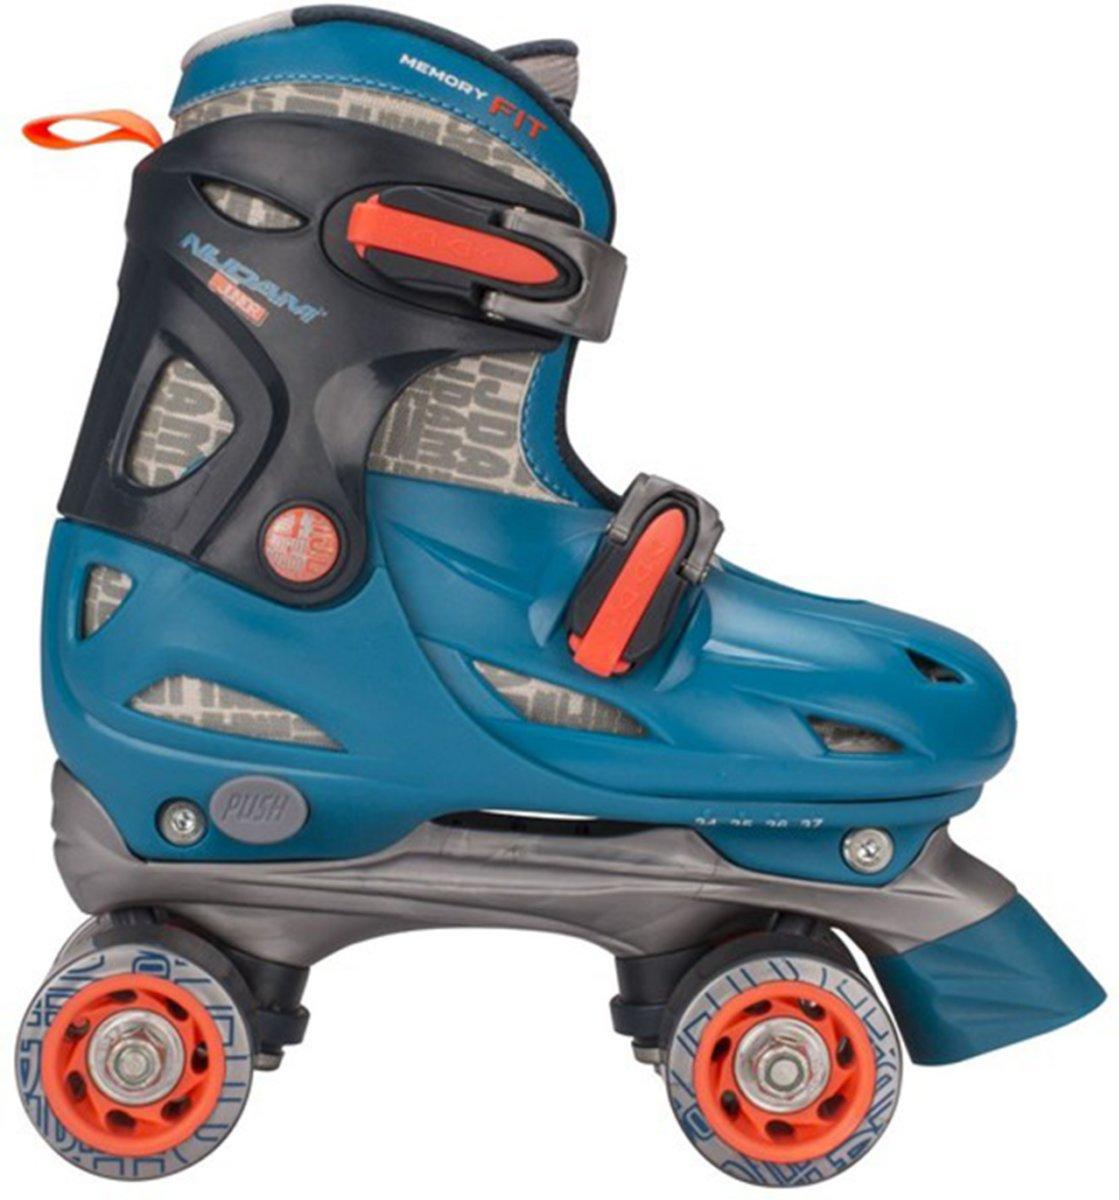 3f2b06bee93 Nijdam Junior Rolschaatsen Junior Verstelbaar Hardboot - Disco Twirl -  Turquoise/Antraciet/Fluororanje/